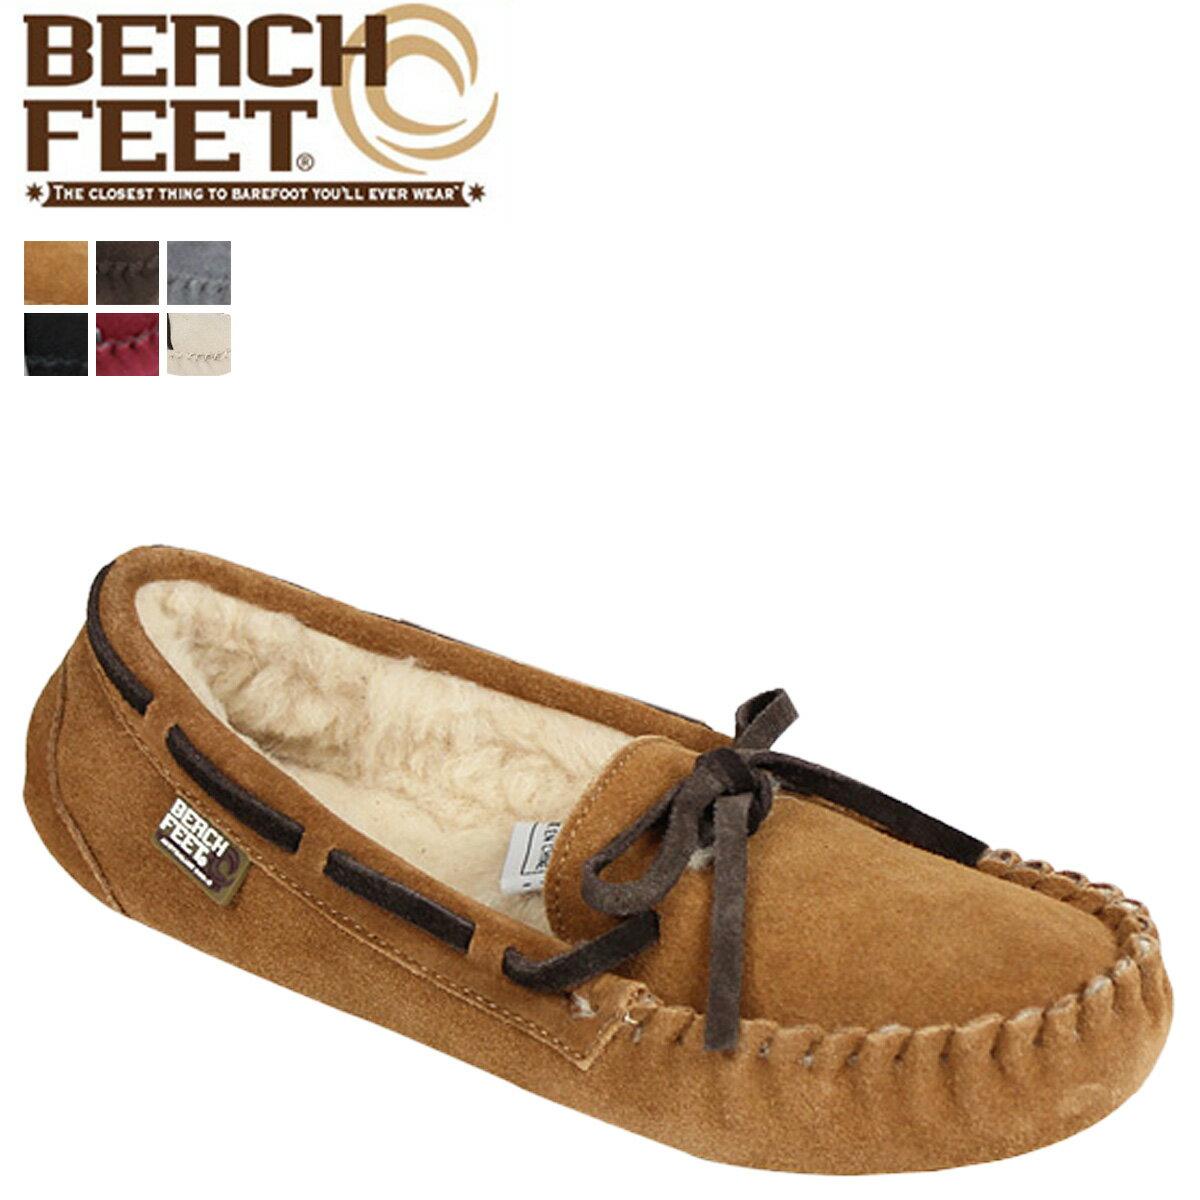 BEACH FEET ビーチフィート モカシン ウィンター モック シューズ  WINTER MOCC  SUPER DRI 7350  レディース